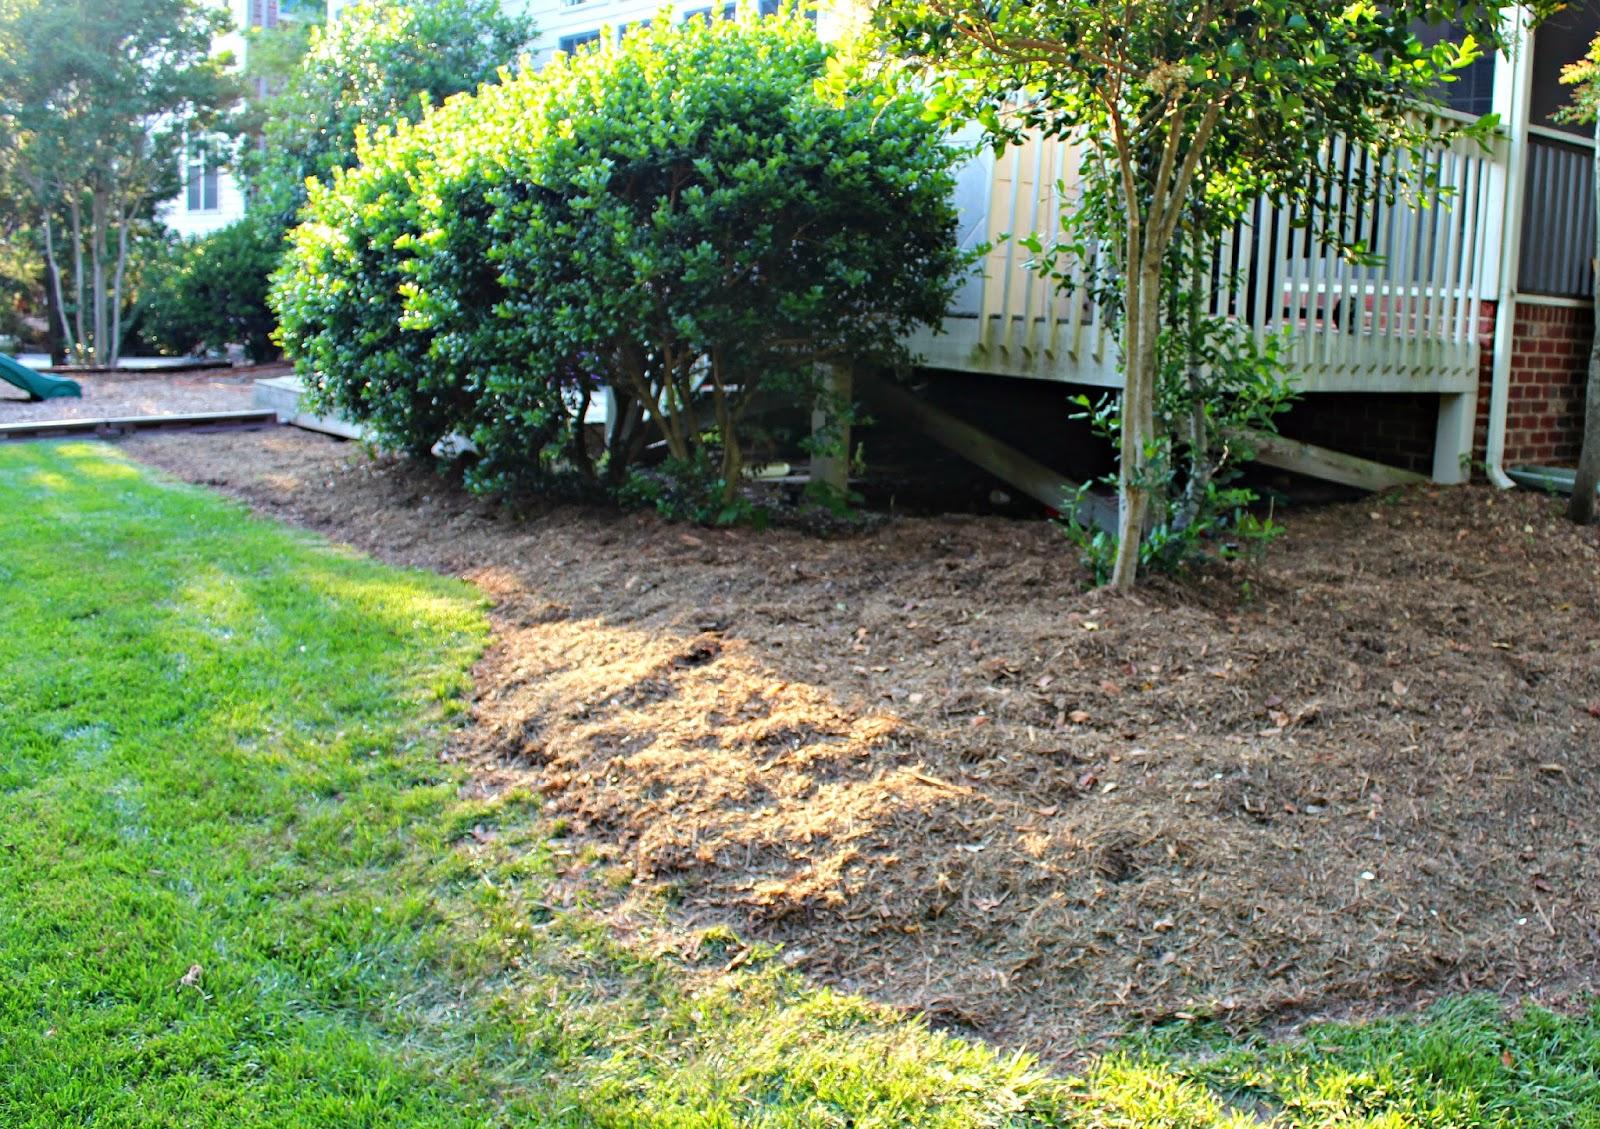 carolina on my mind backyardigans part 21 more mulch